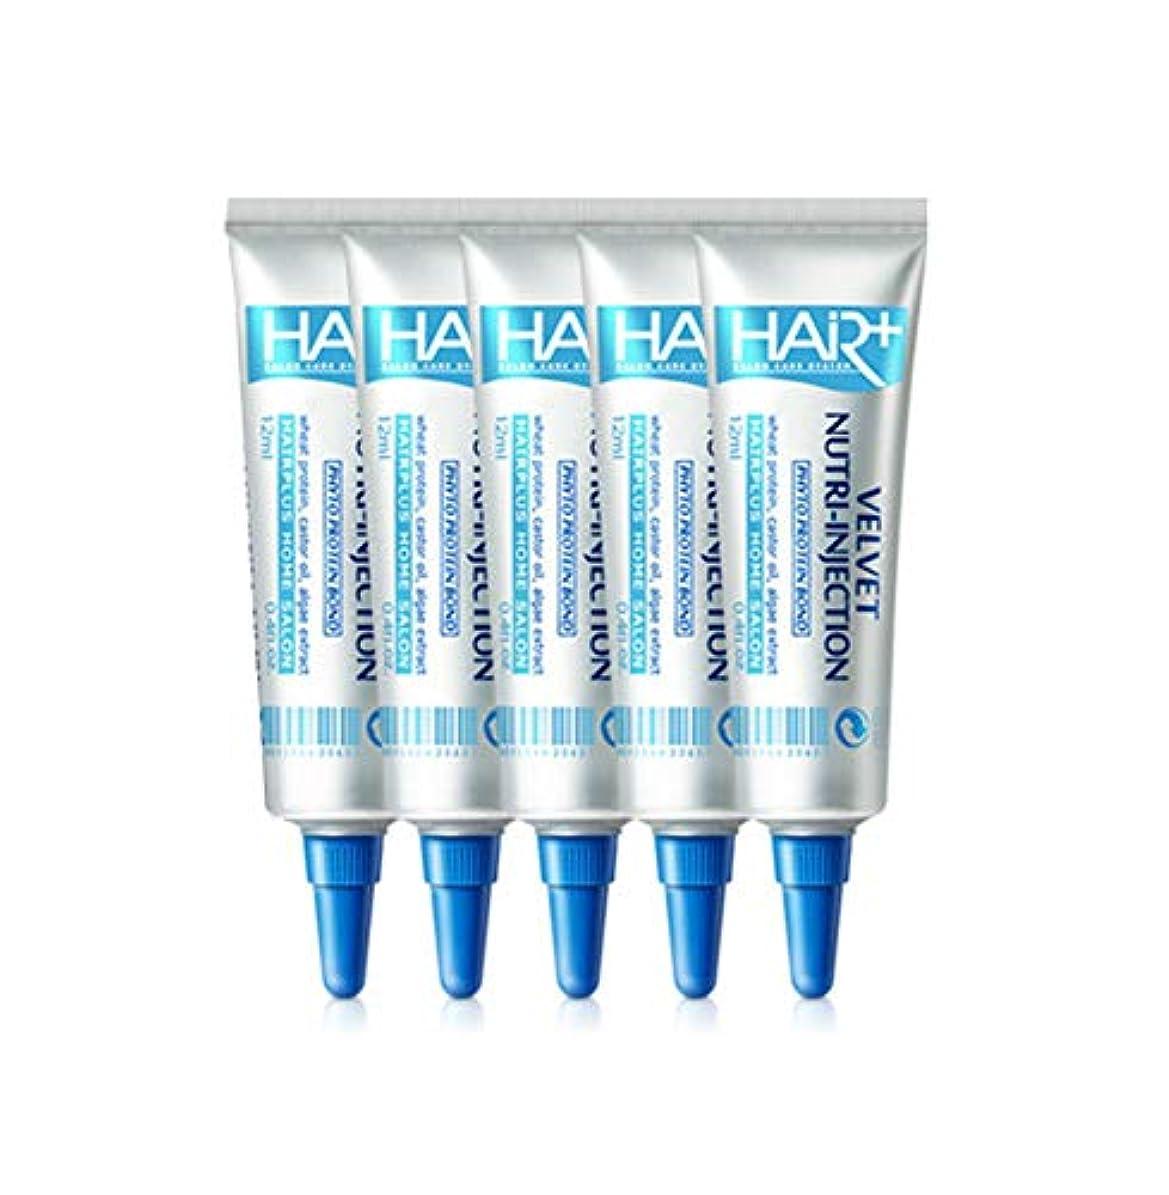 調停者天使すずめヘアプラスHairplus韓国コスメヘアタンパク質アンプルヘアケアトリートメント12ml 5個 海外直送品Protein Treatment [並行輸入品]